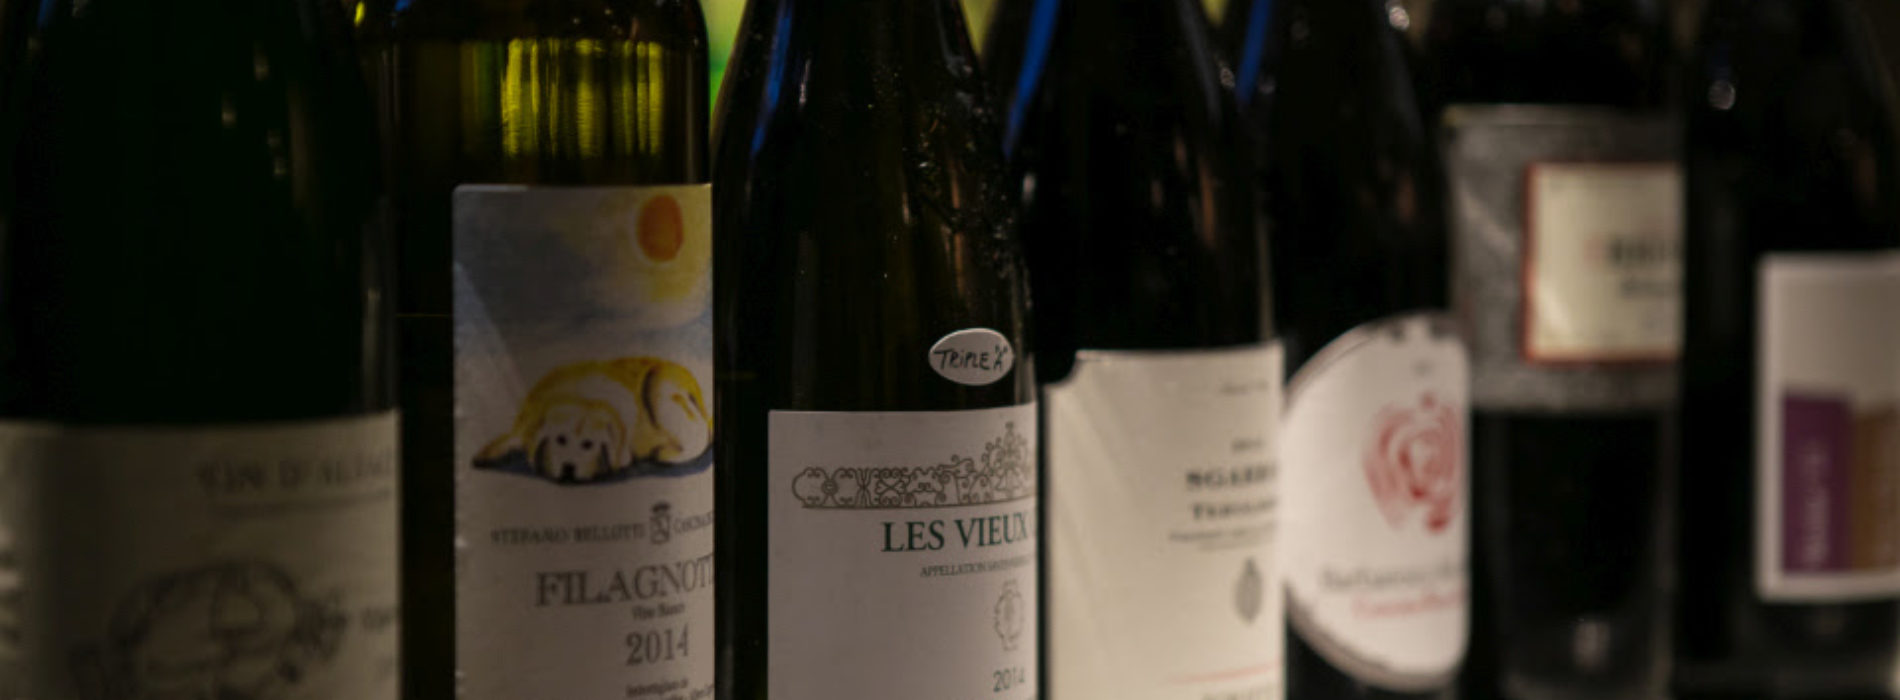 Degustazioni di vino a Roma: Sofitel wine days, le verticali del Caffè Propaganda e i Vignaioli Naturali